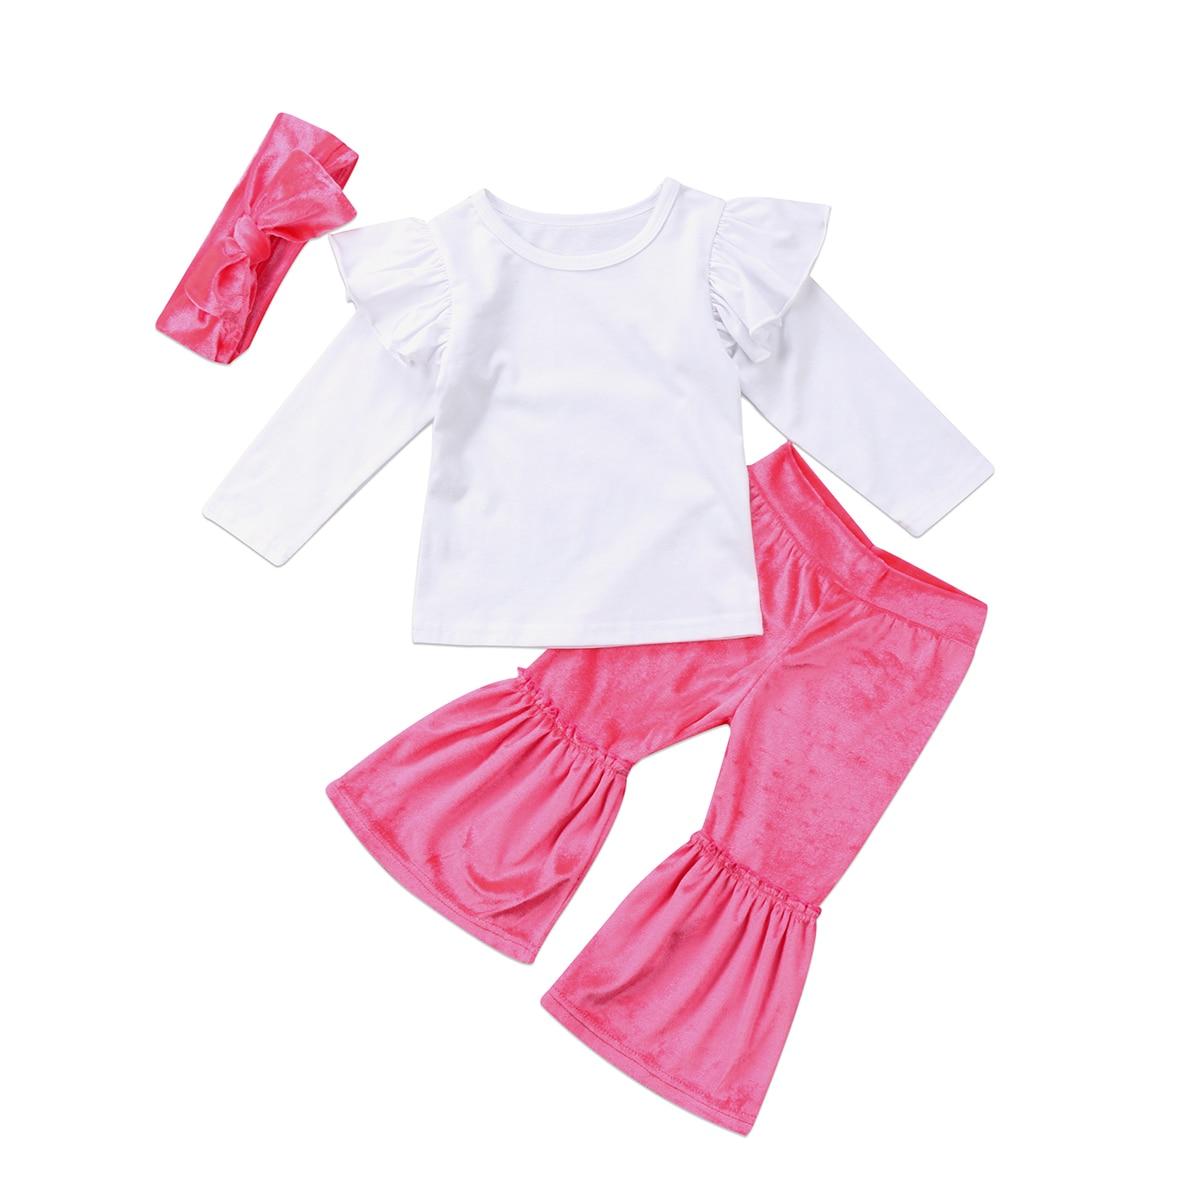 2017 новейшая мода для новорожденных детская одежда для маленьких девочек оборки Топы корректирующие бархат Брюки повязка на голову комплек...